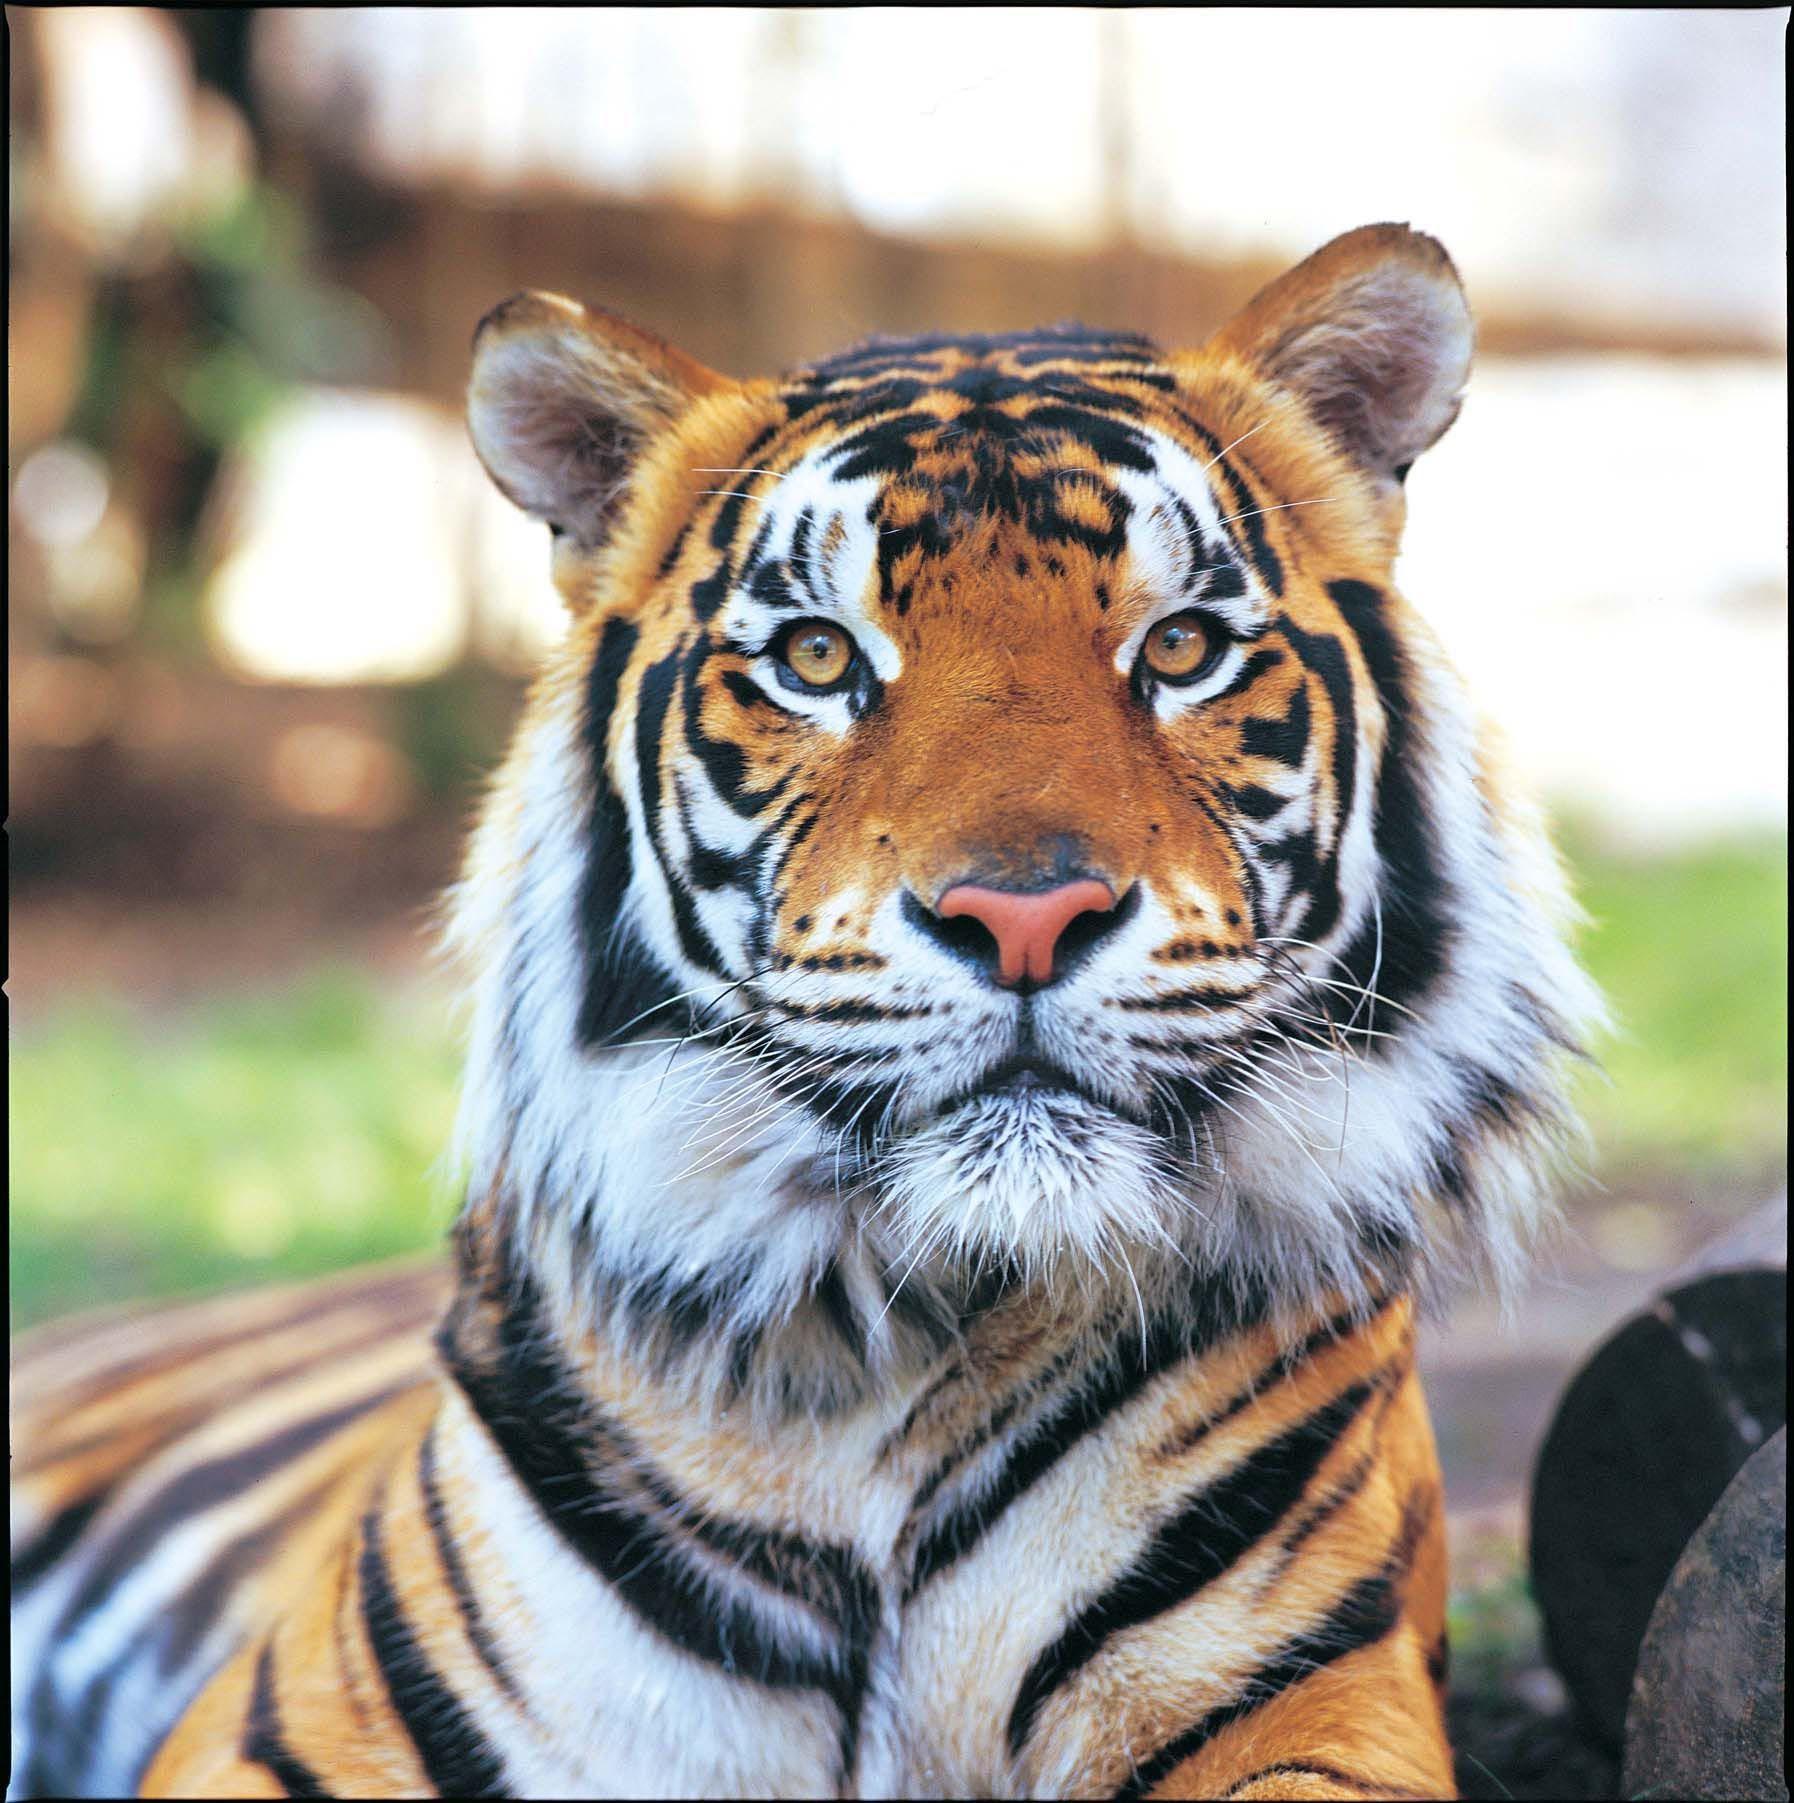 Tiger Island, Dreamworld Sumatran tiger, Tiger, Tiger face